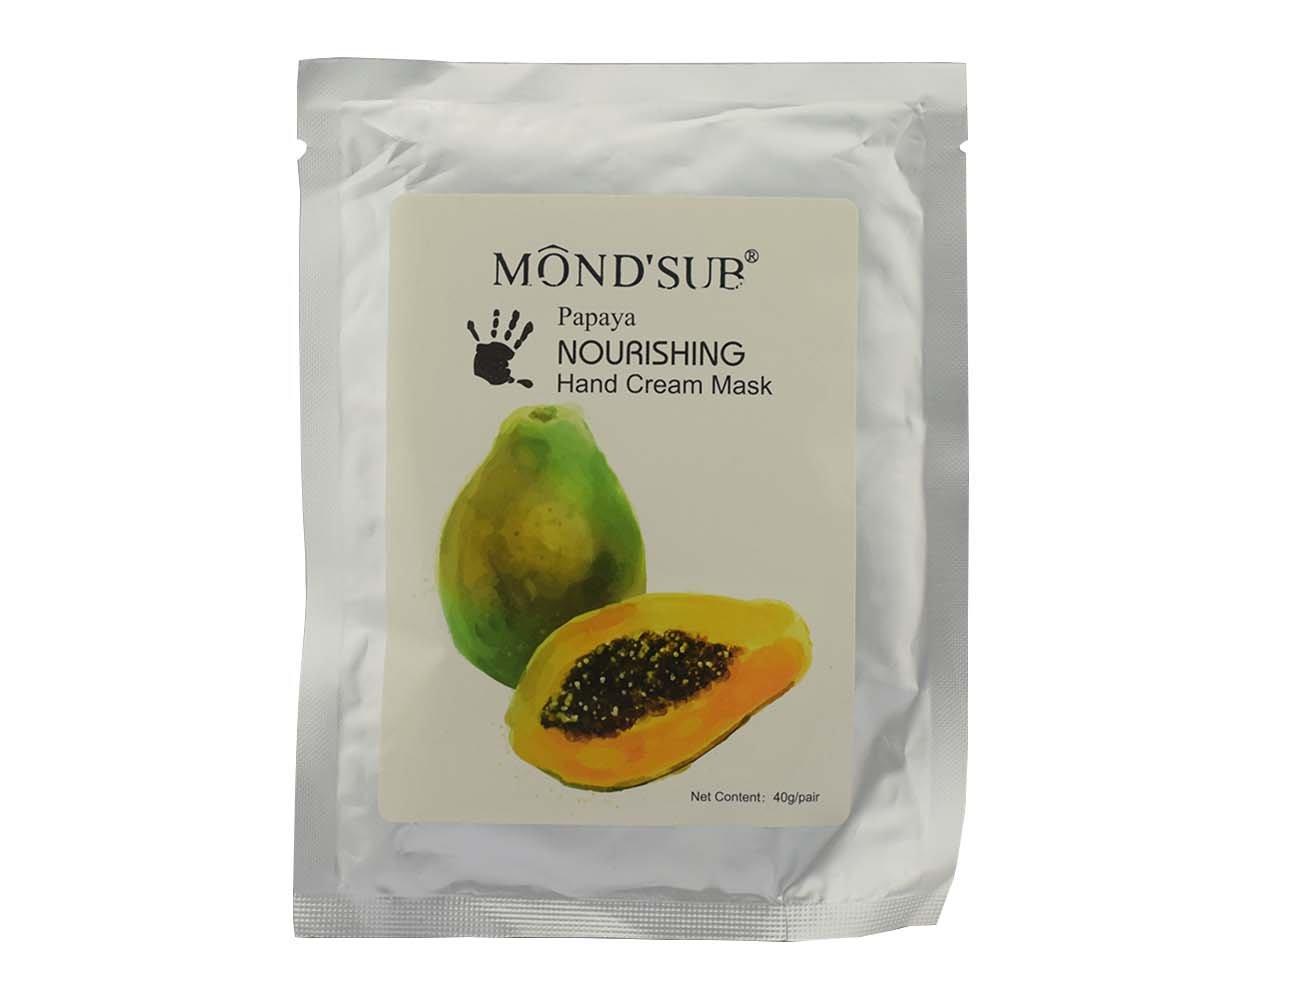 Cuidado de la mano mascarilla crema 5 piezas A caja seis opciones de aroma Elitzia ETNH4002 (Papaya): Amazon.es: Belleza